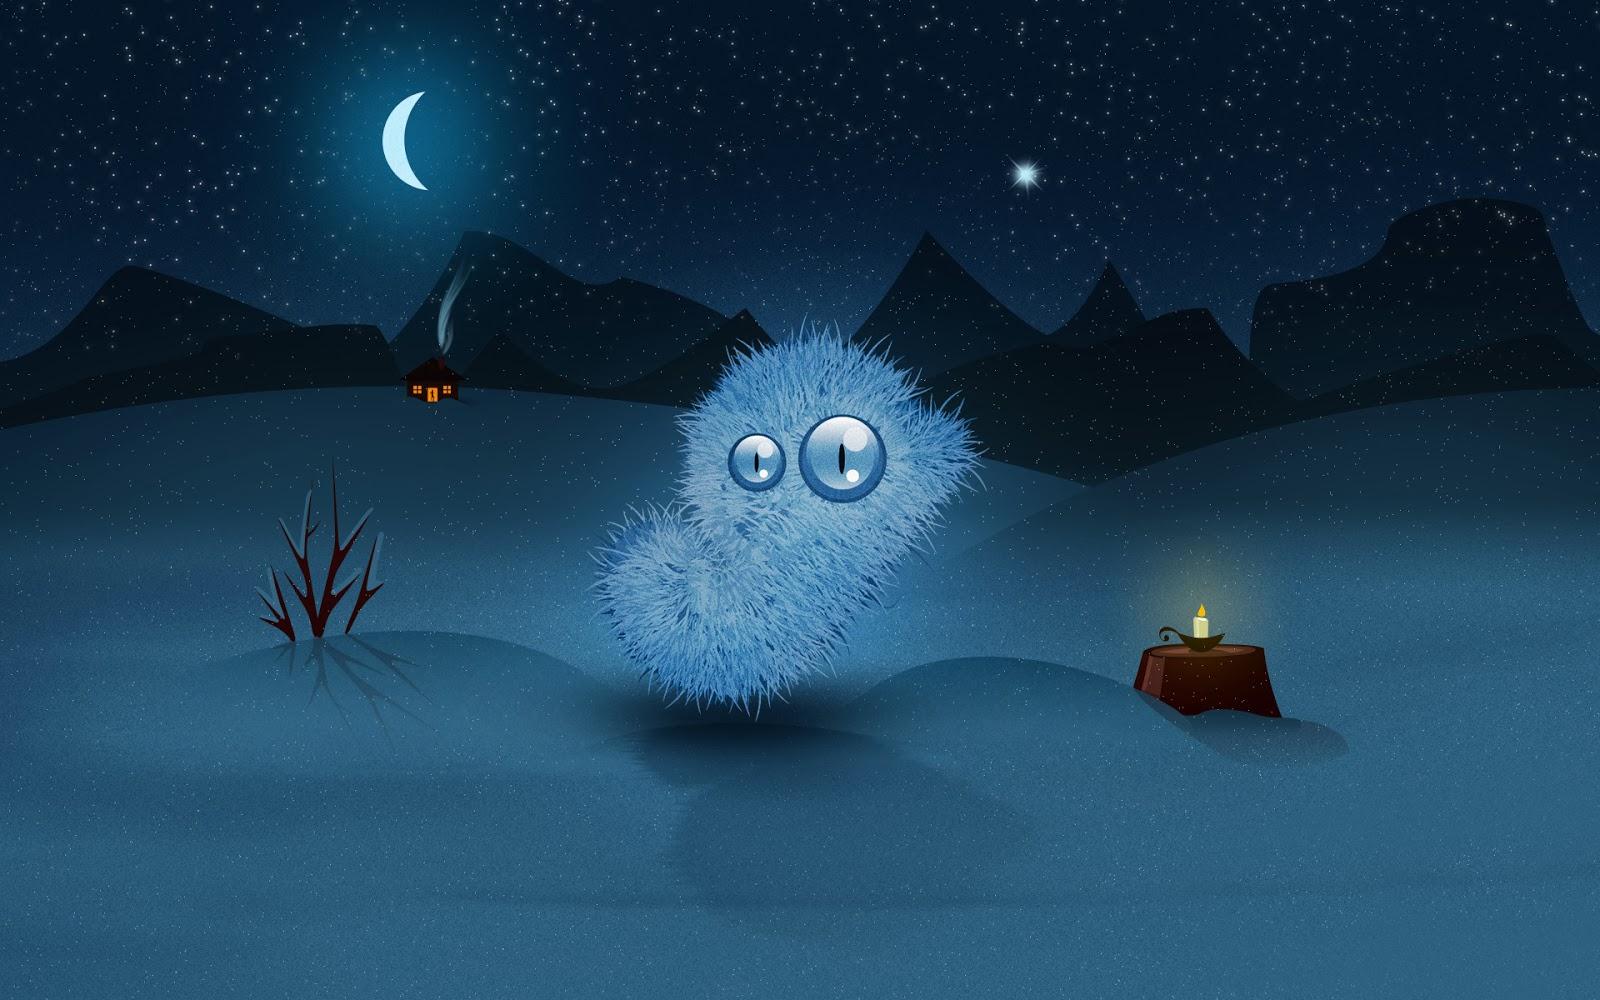 """<img src=""""http://4.bp.blogspot.com/-HLftGBm7pj8/Ut5GQmRVsDI/AAAAAAAAJjA/qeD0oK-ZJDw/s1600/winter-nights.jpg"""" alt=""""winter nights"""" />"""